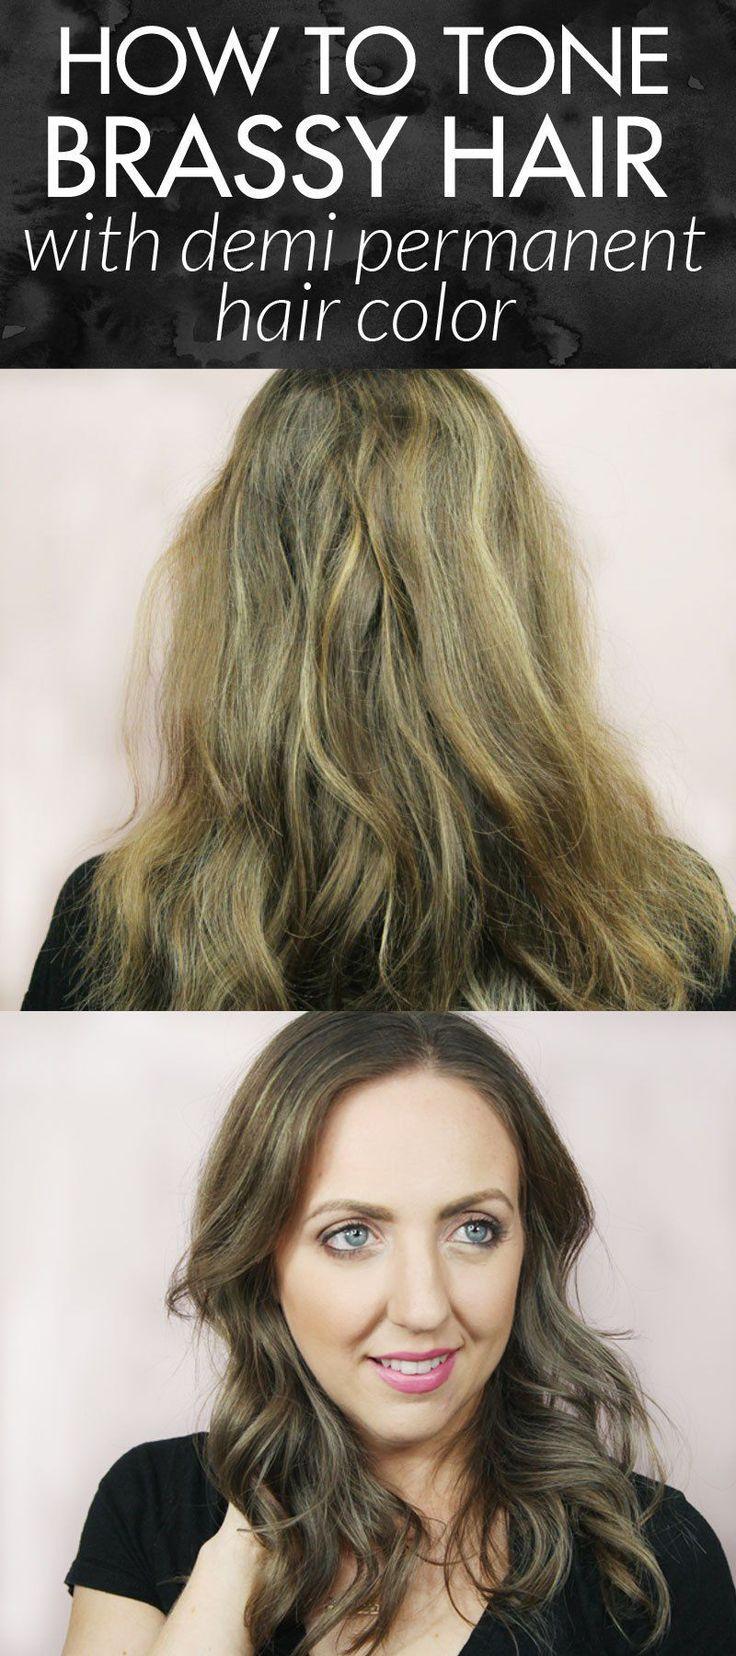 Best Toner For Brassy Hair Brassy hair, Sally beauty